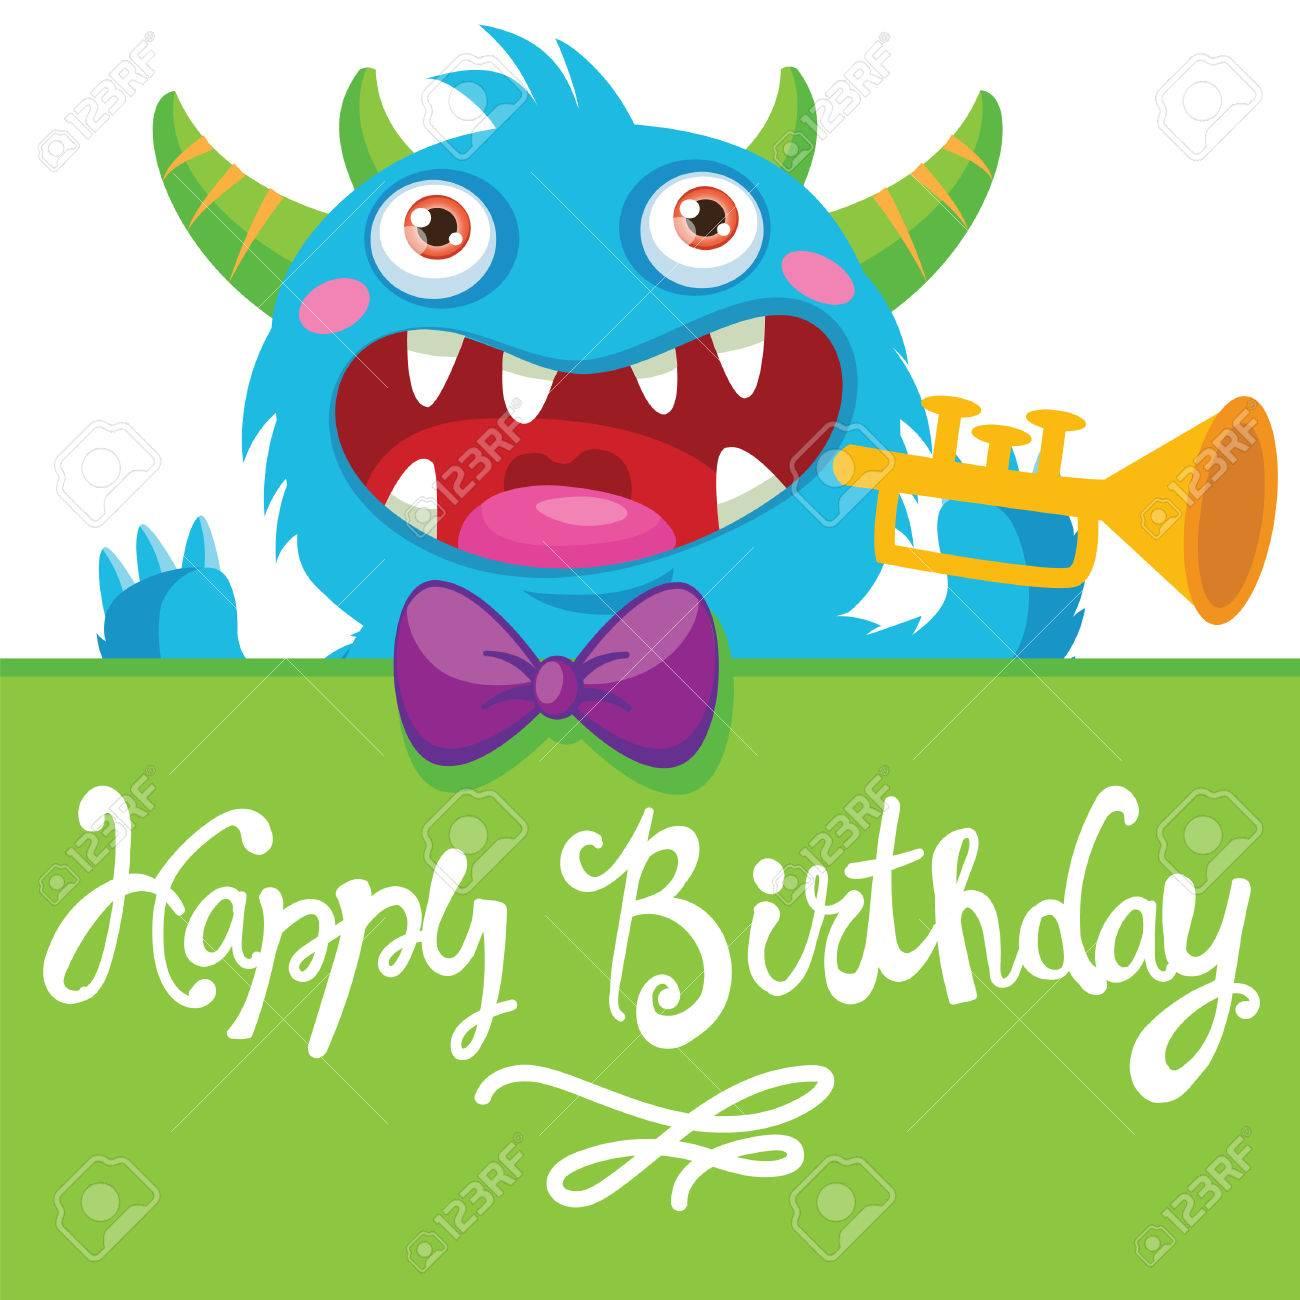 Cute Monster Cartoon Monster Illustration Funny Birthday Greeting